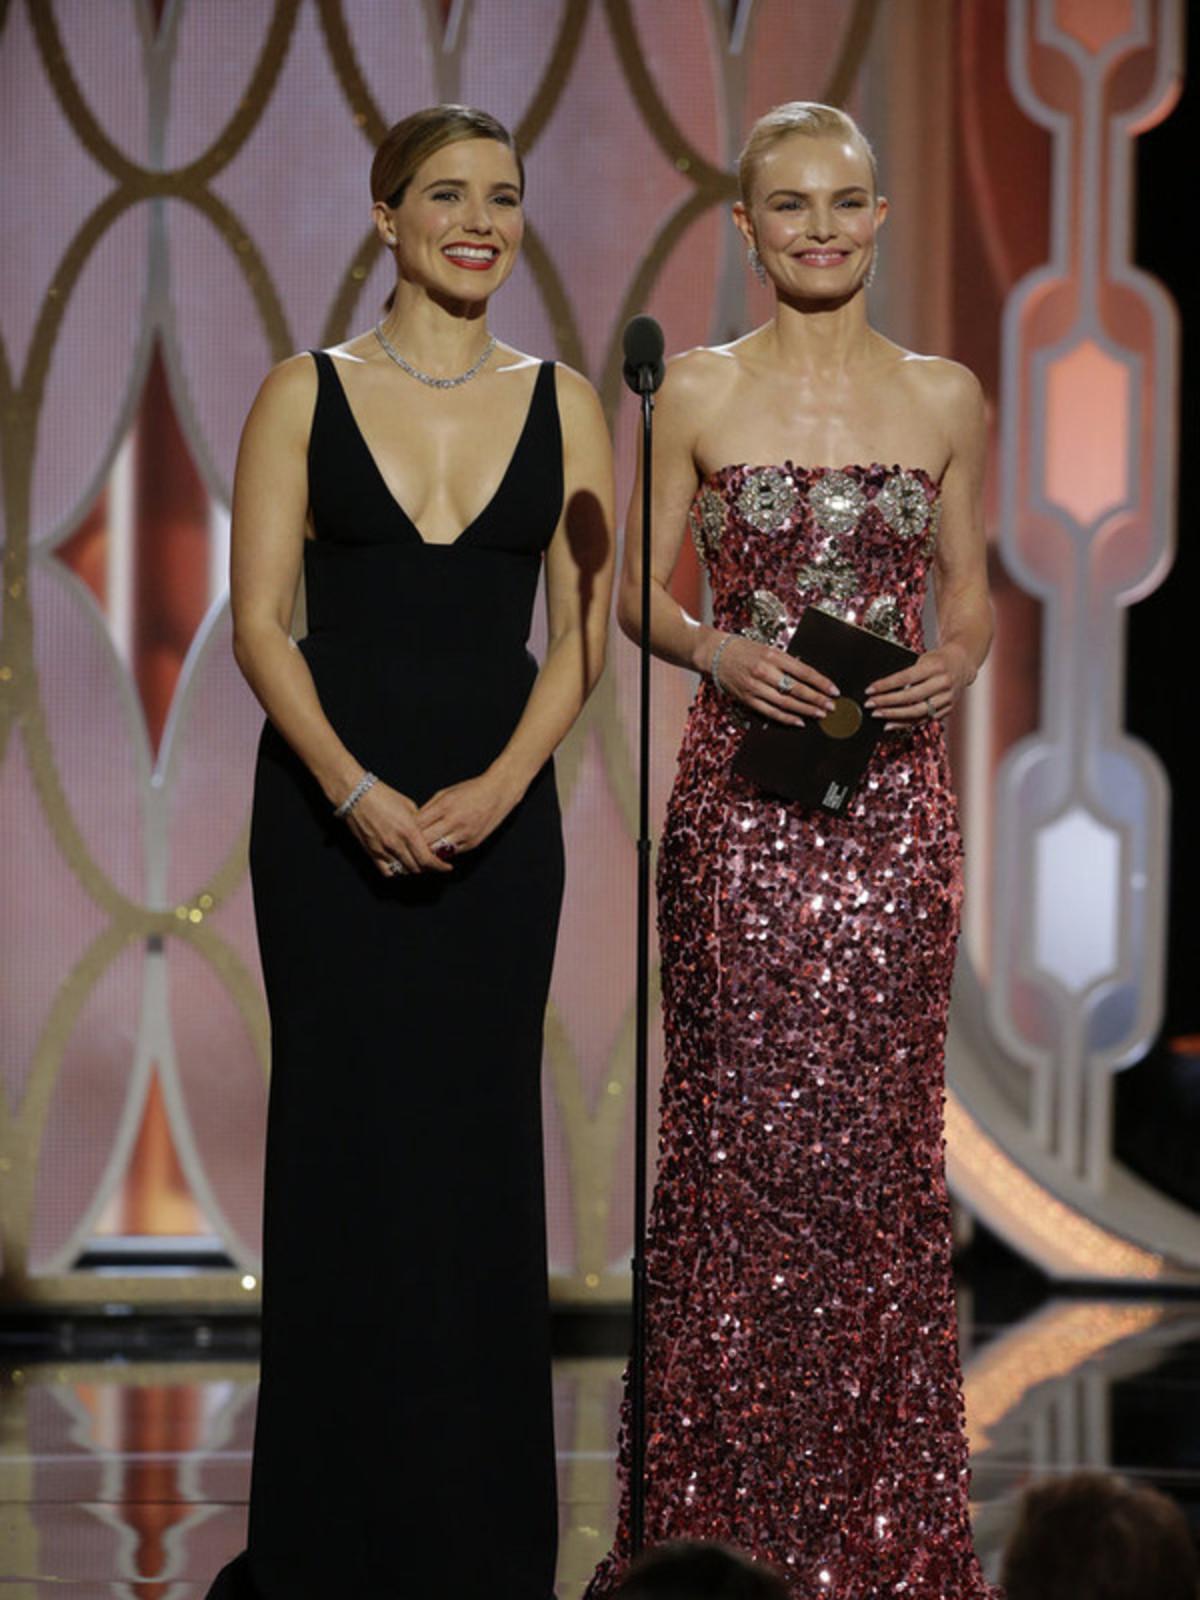 Sophia Bush and Kate Bosworth at Golden Globe Awards